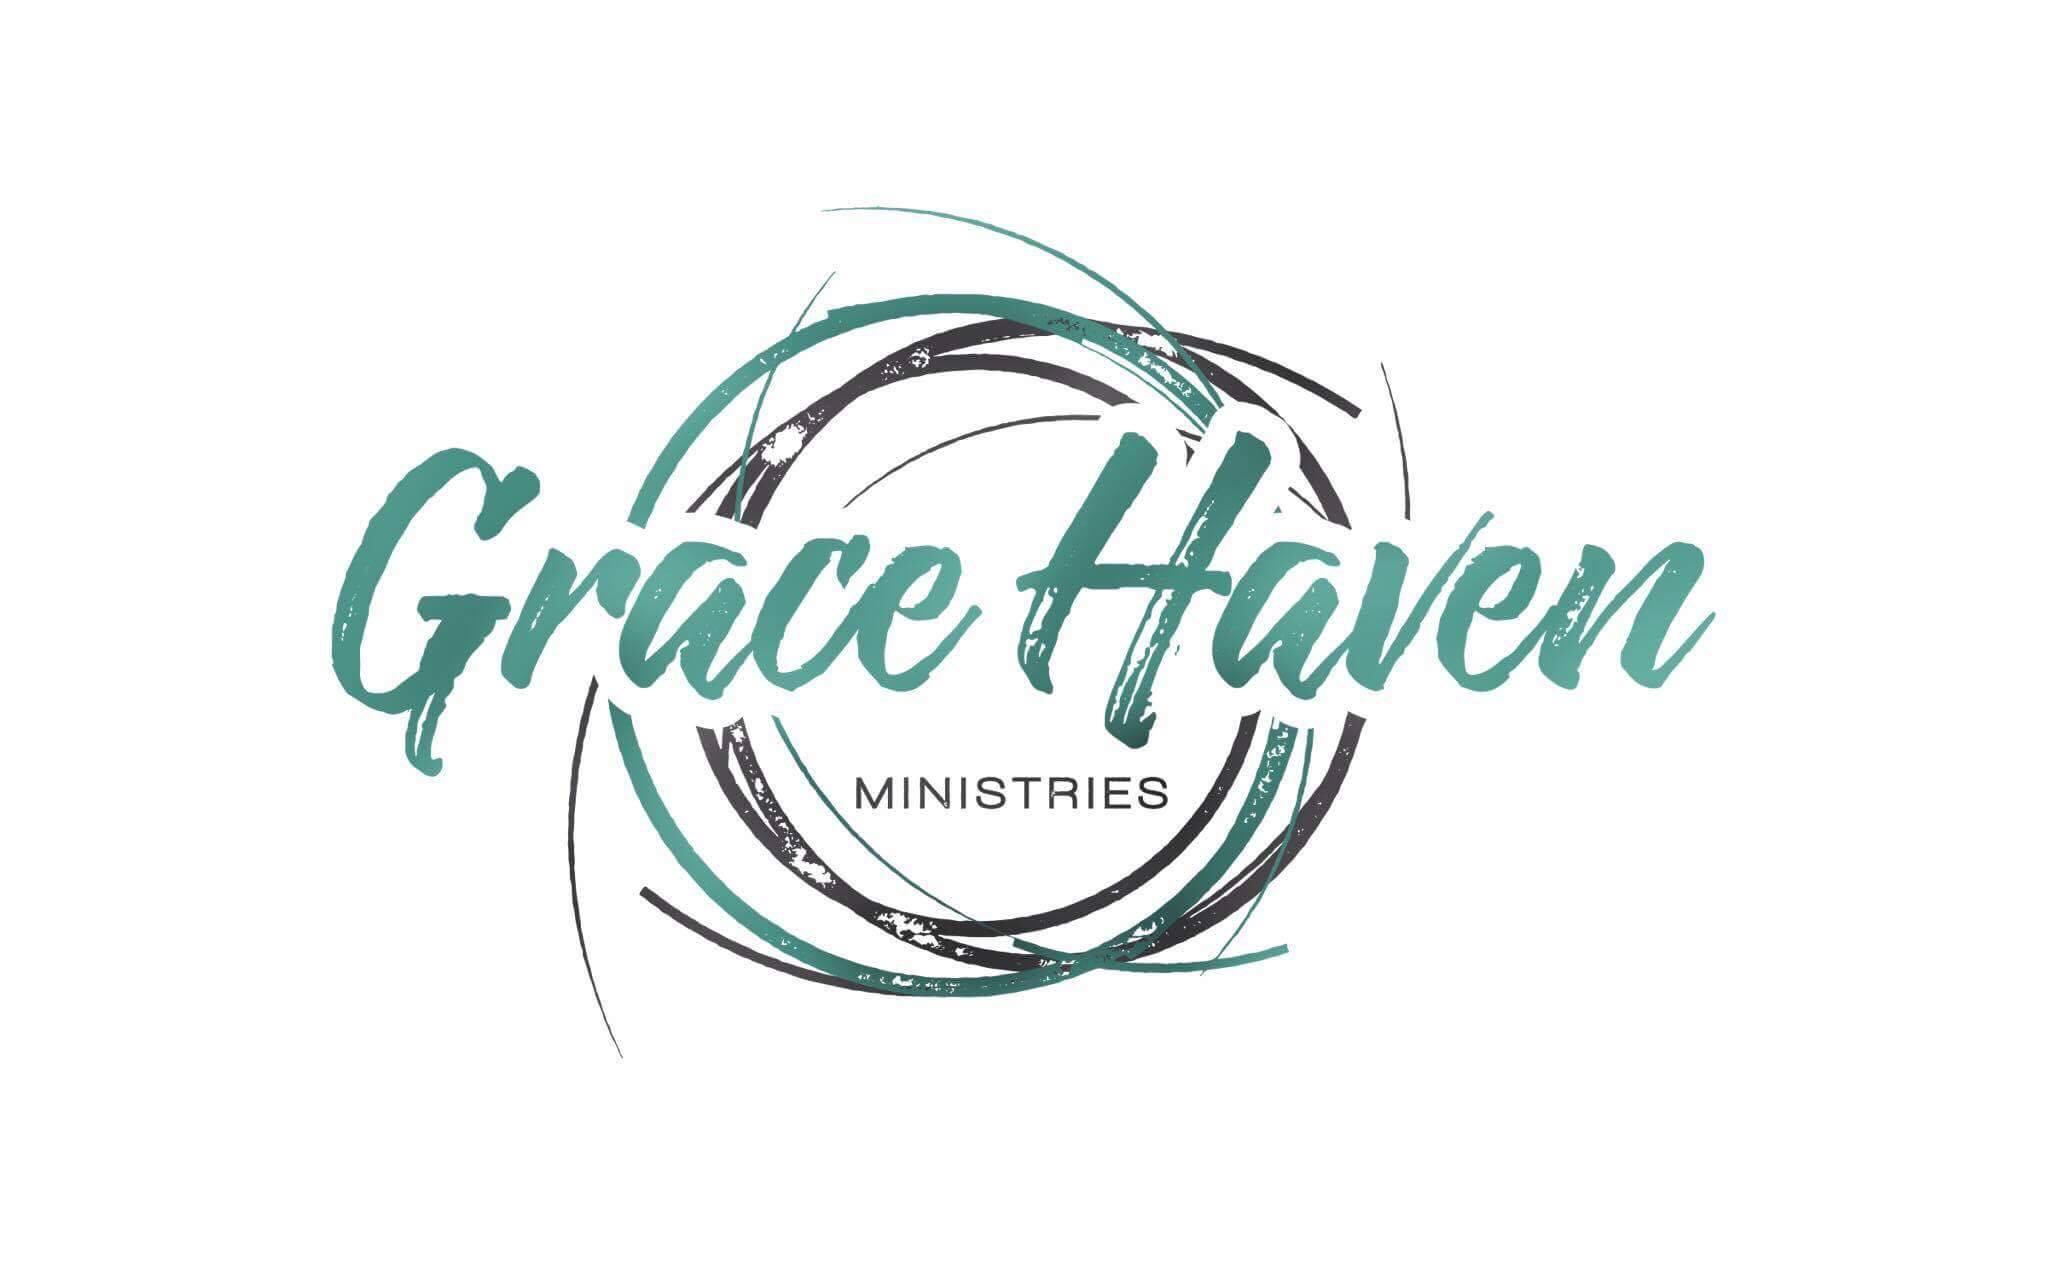 Grace_haven_ministries_nest_logo